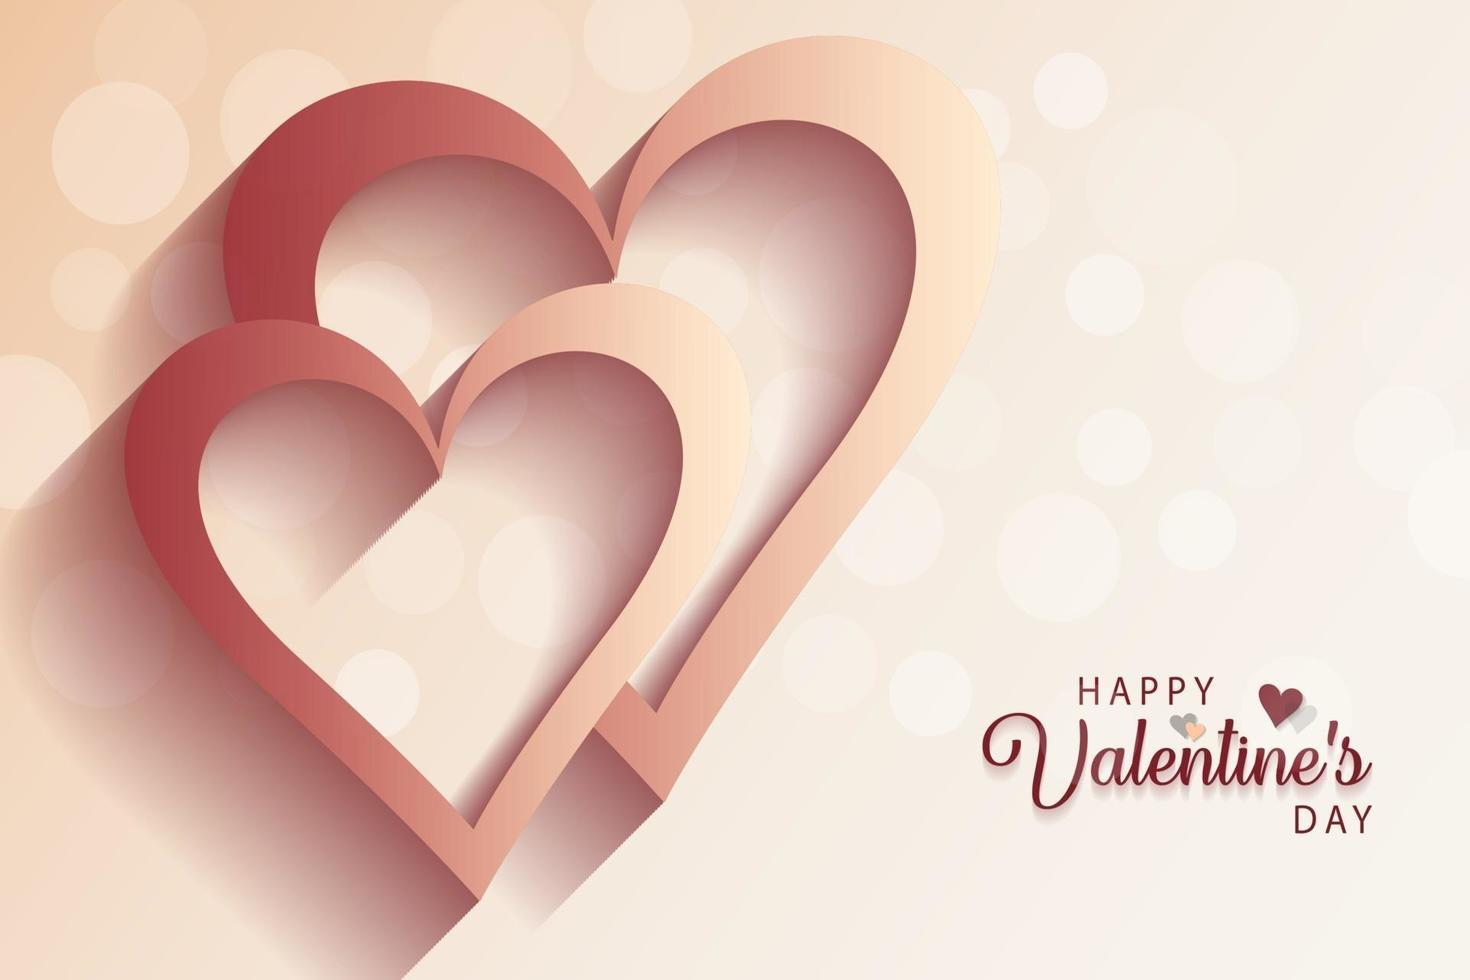 fond de jour de valentine heureux réaliste avec amour et sentiments de coeurs. vecteur